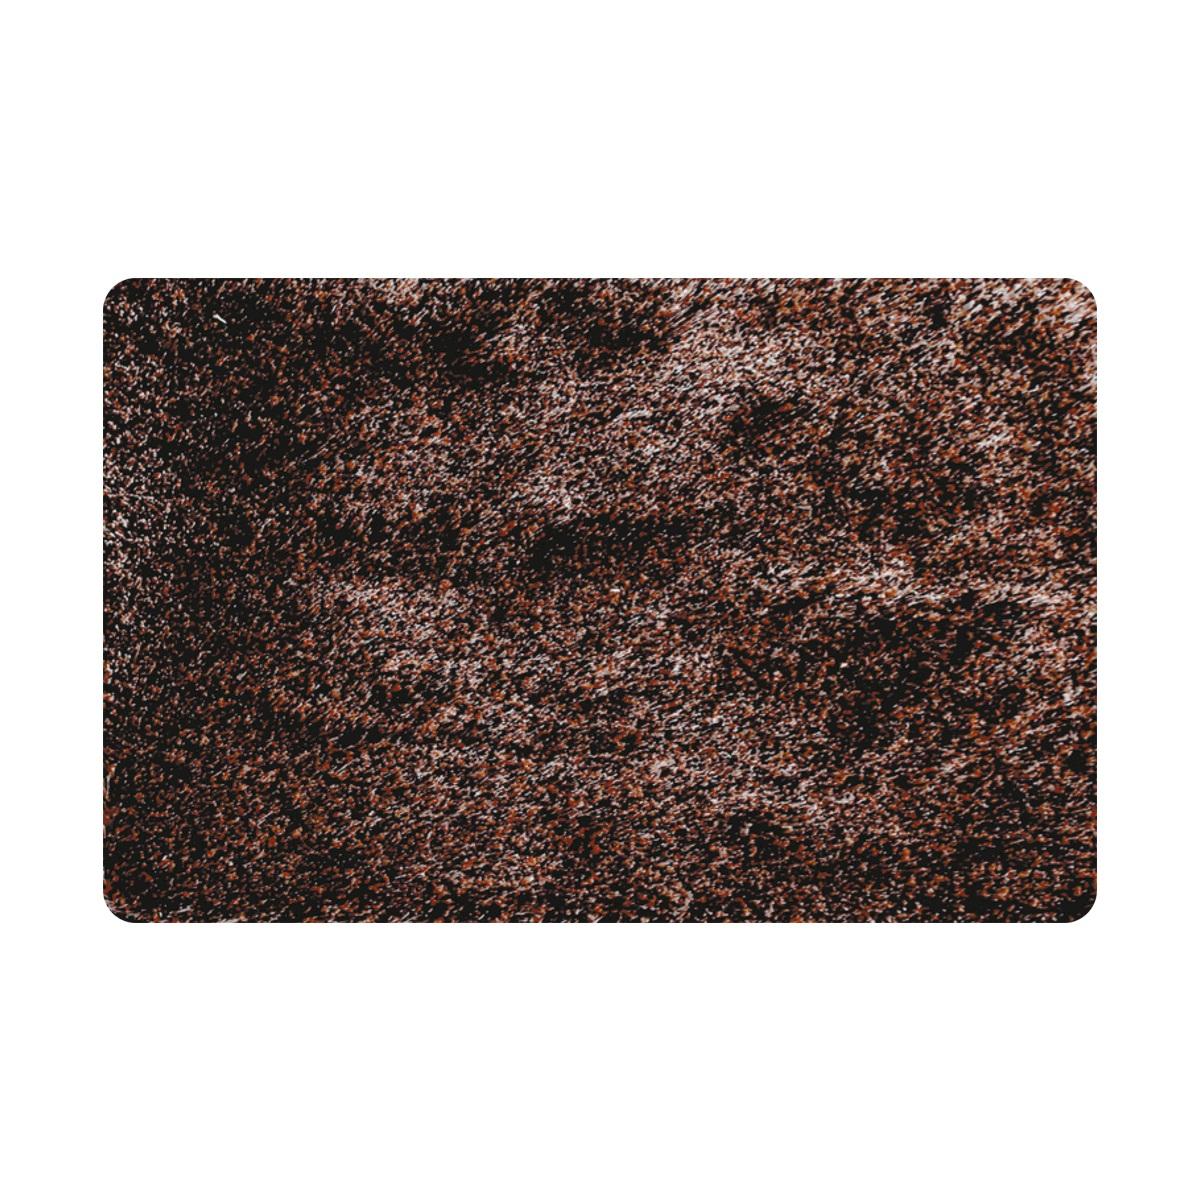 Коврик для ванной Iddis Brown grass, цвет: коричневый, 70 х 120 смMID245MКоврик для ванной комнаты Iddis выполнен из 100% полиэстера. Коврик имеет специальную латексную основу, благодаря которой он не скользит на напольных покрытия в ванной, что обеспечивает безопасность во время использования. Коврик изготавливается по специальным технологиям машинного ручного тафтинга, что гарантирует высокое качество и долговечность.Высота ворса: 2,5 см.